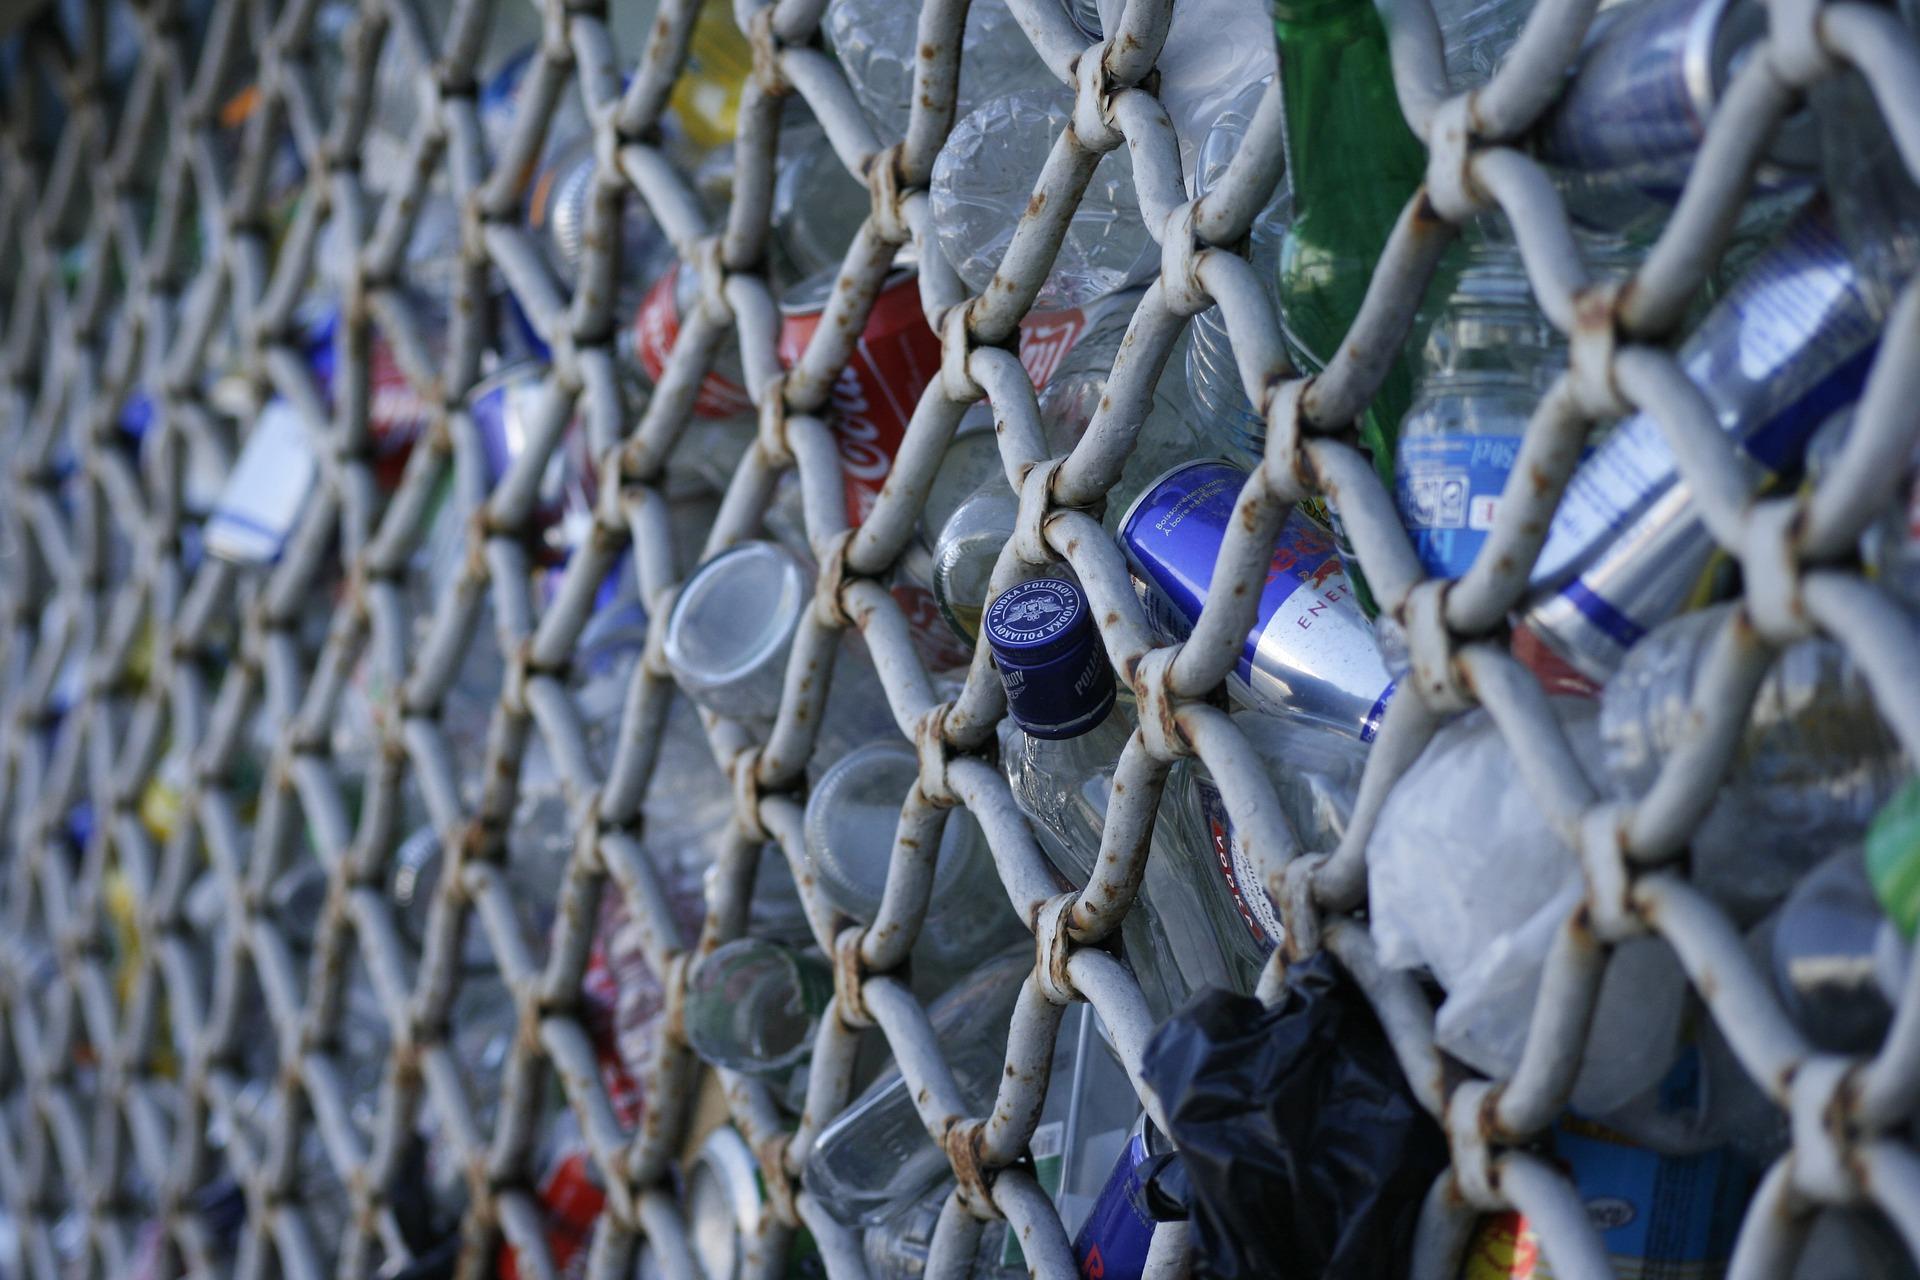 residuos plásticos - El arte de construir casas con residuos de plástico